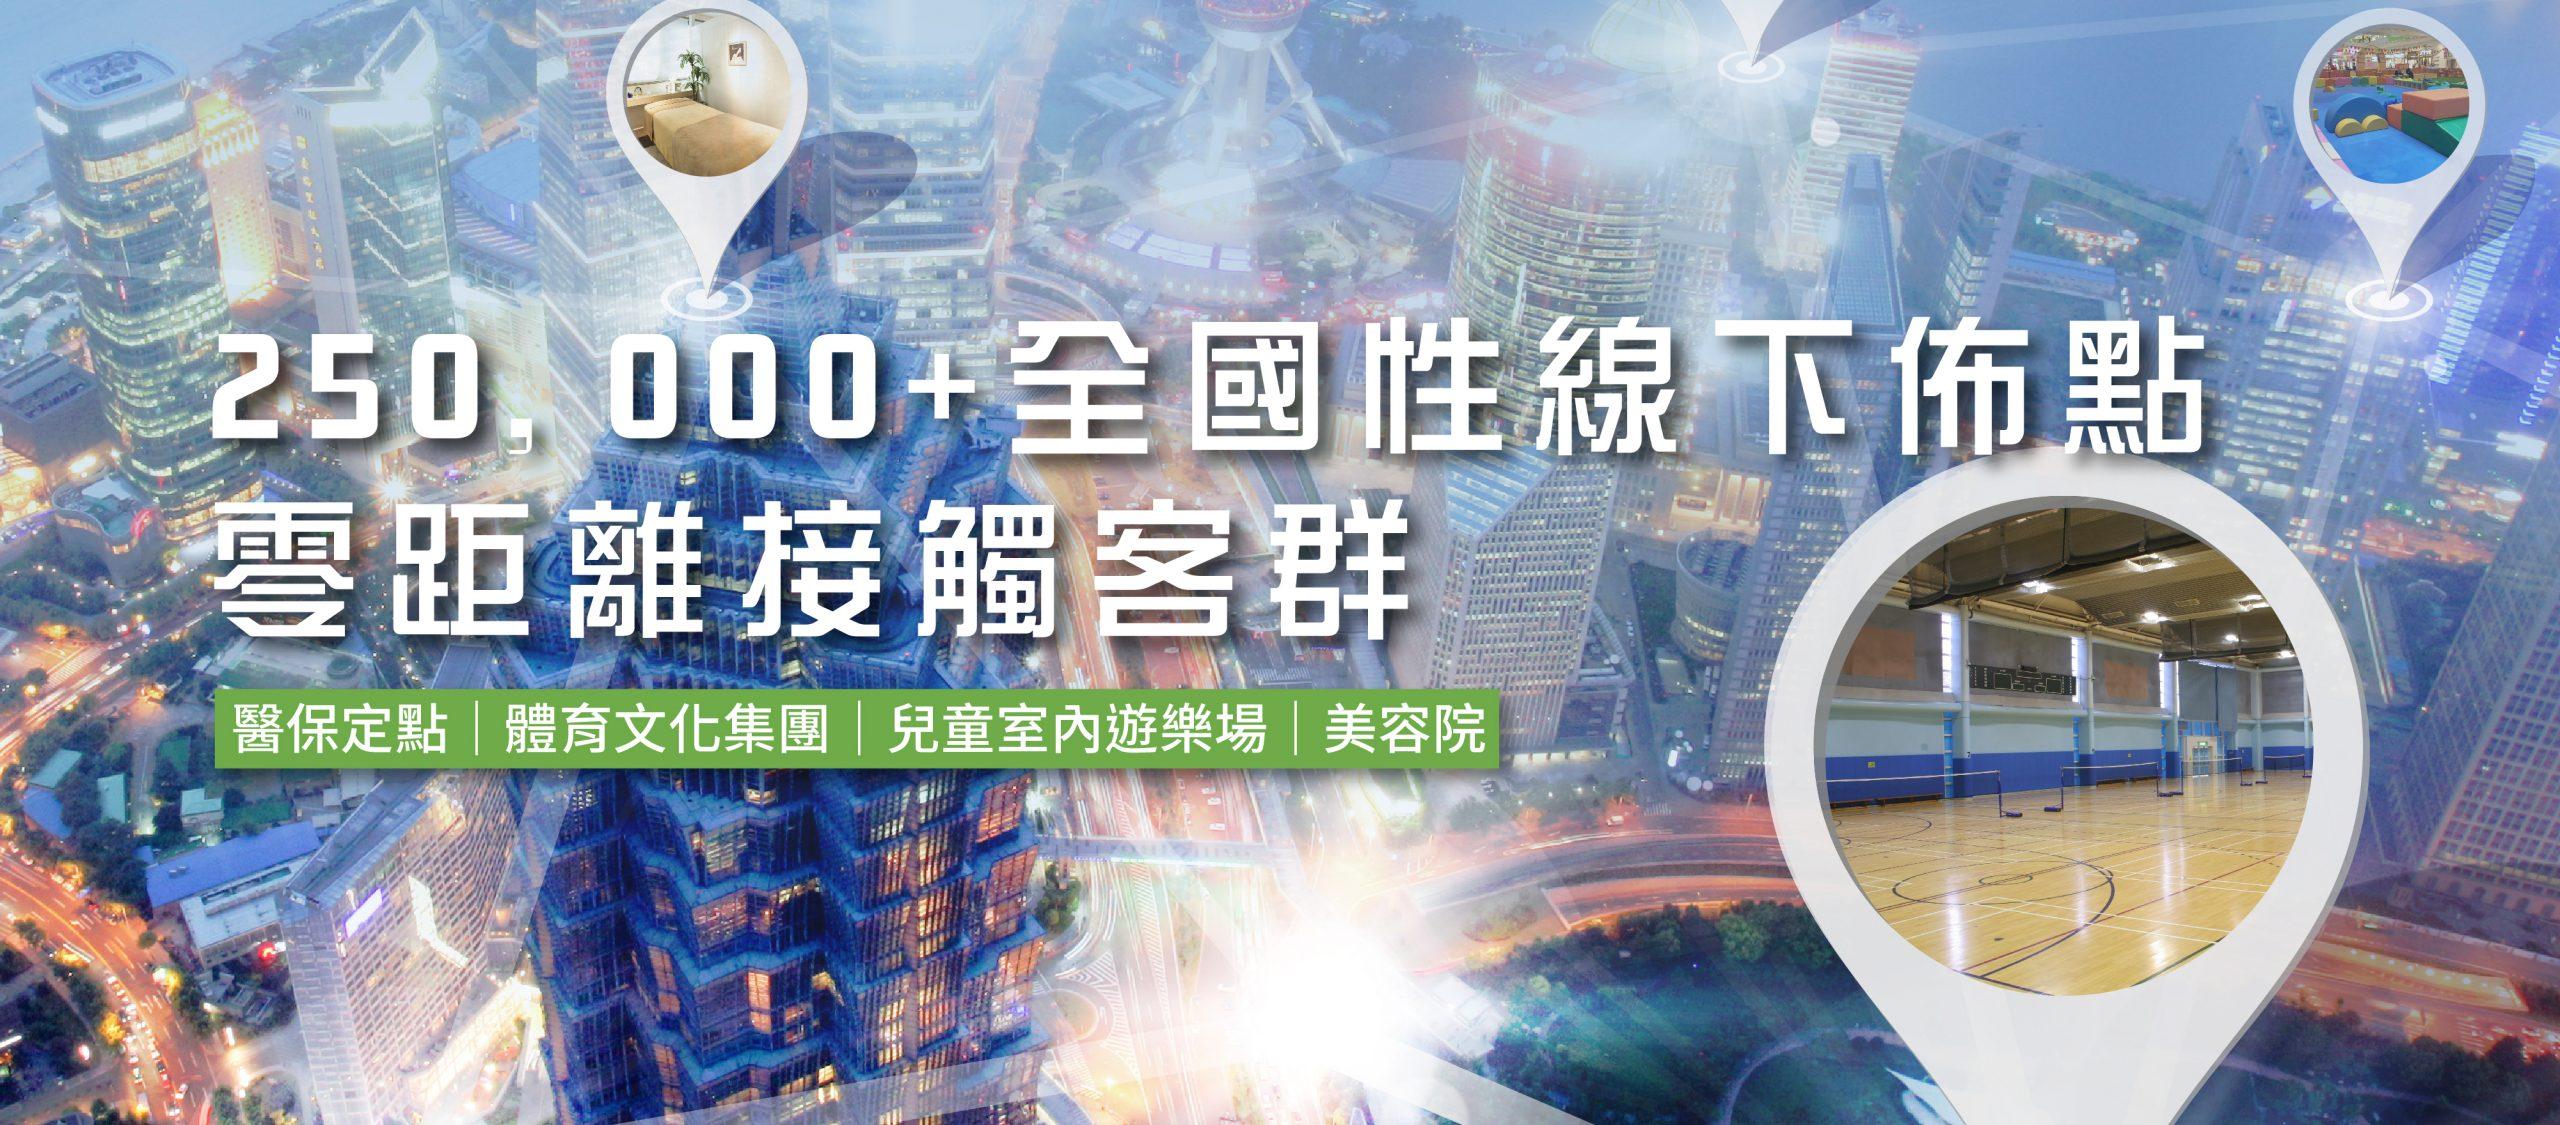 Z360-Banner-V3_4